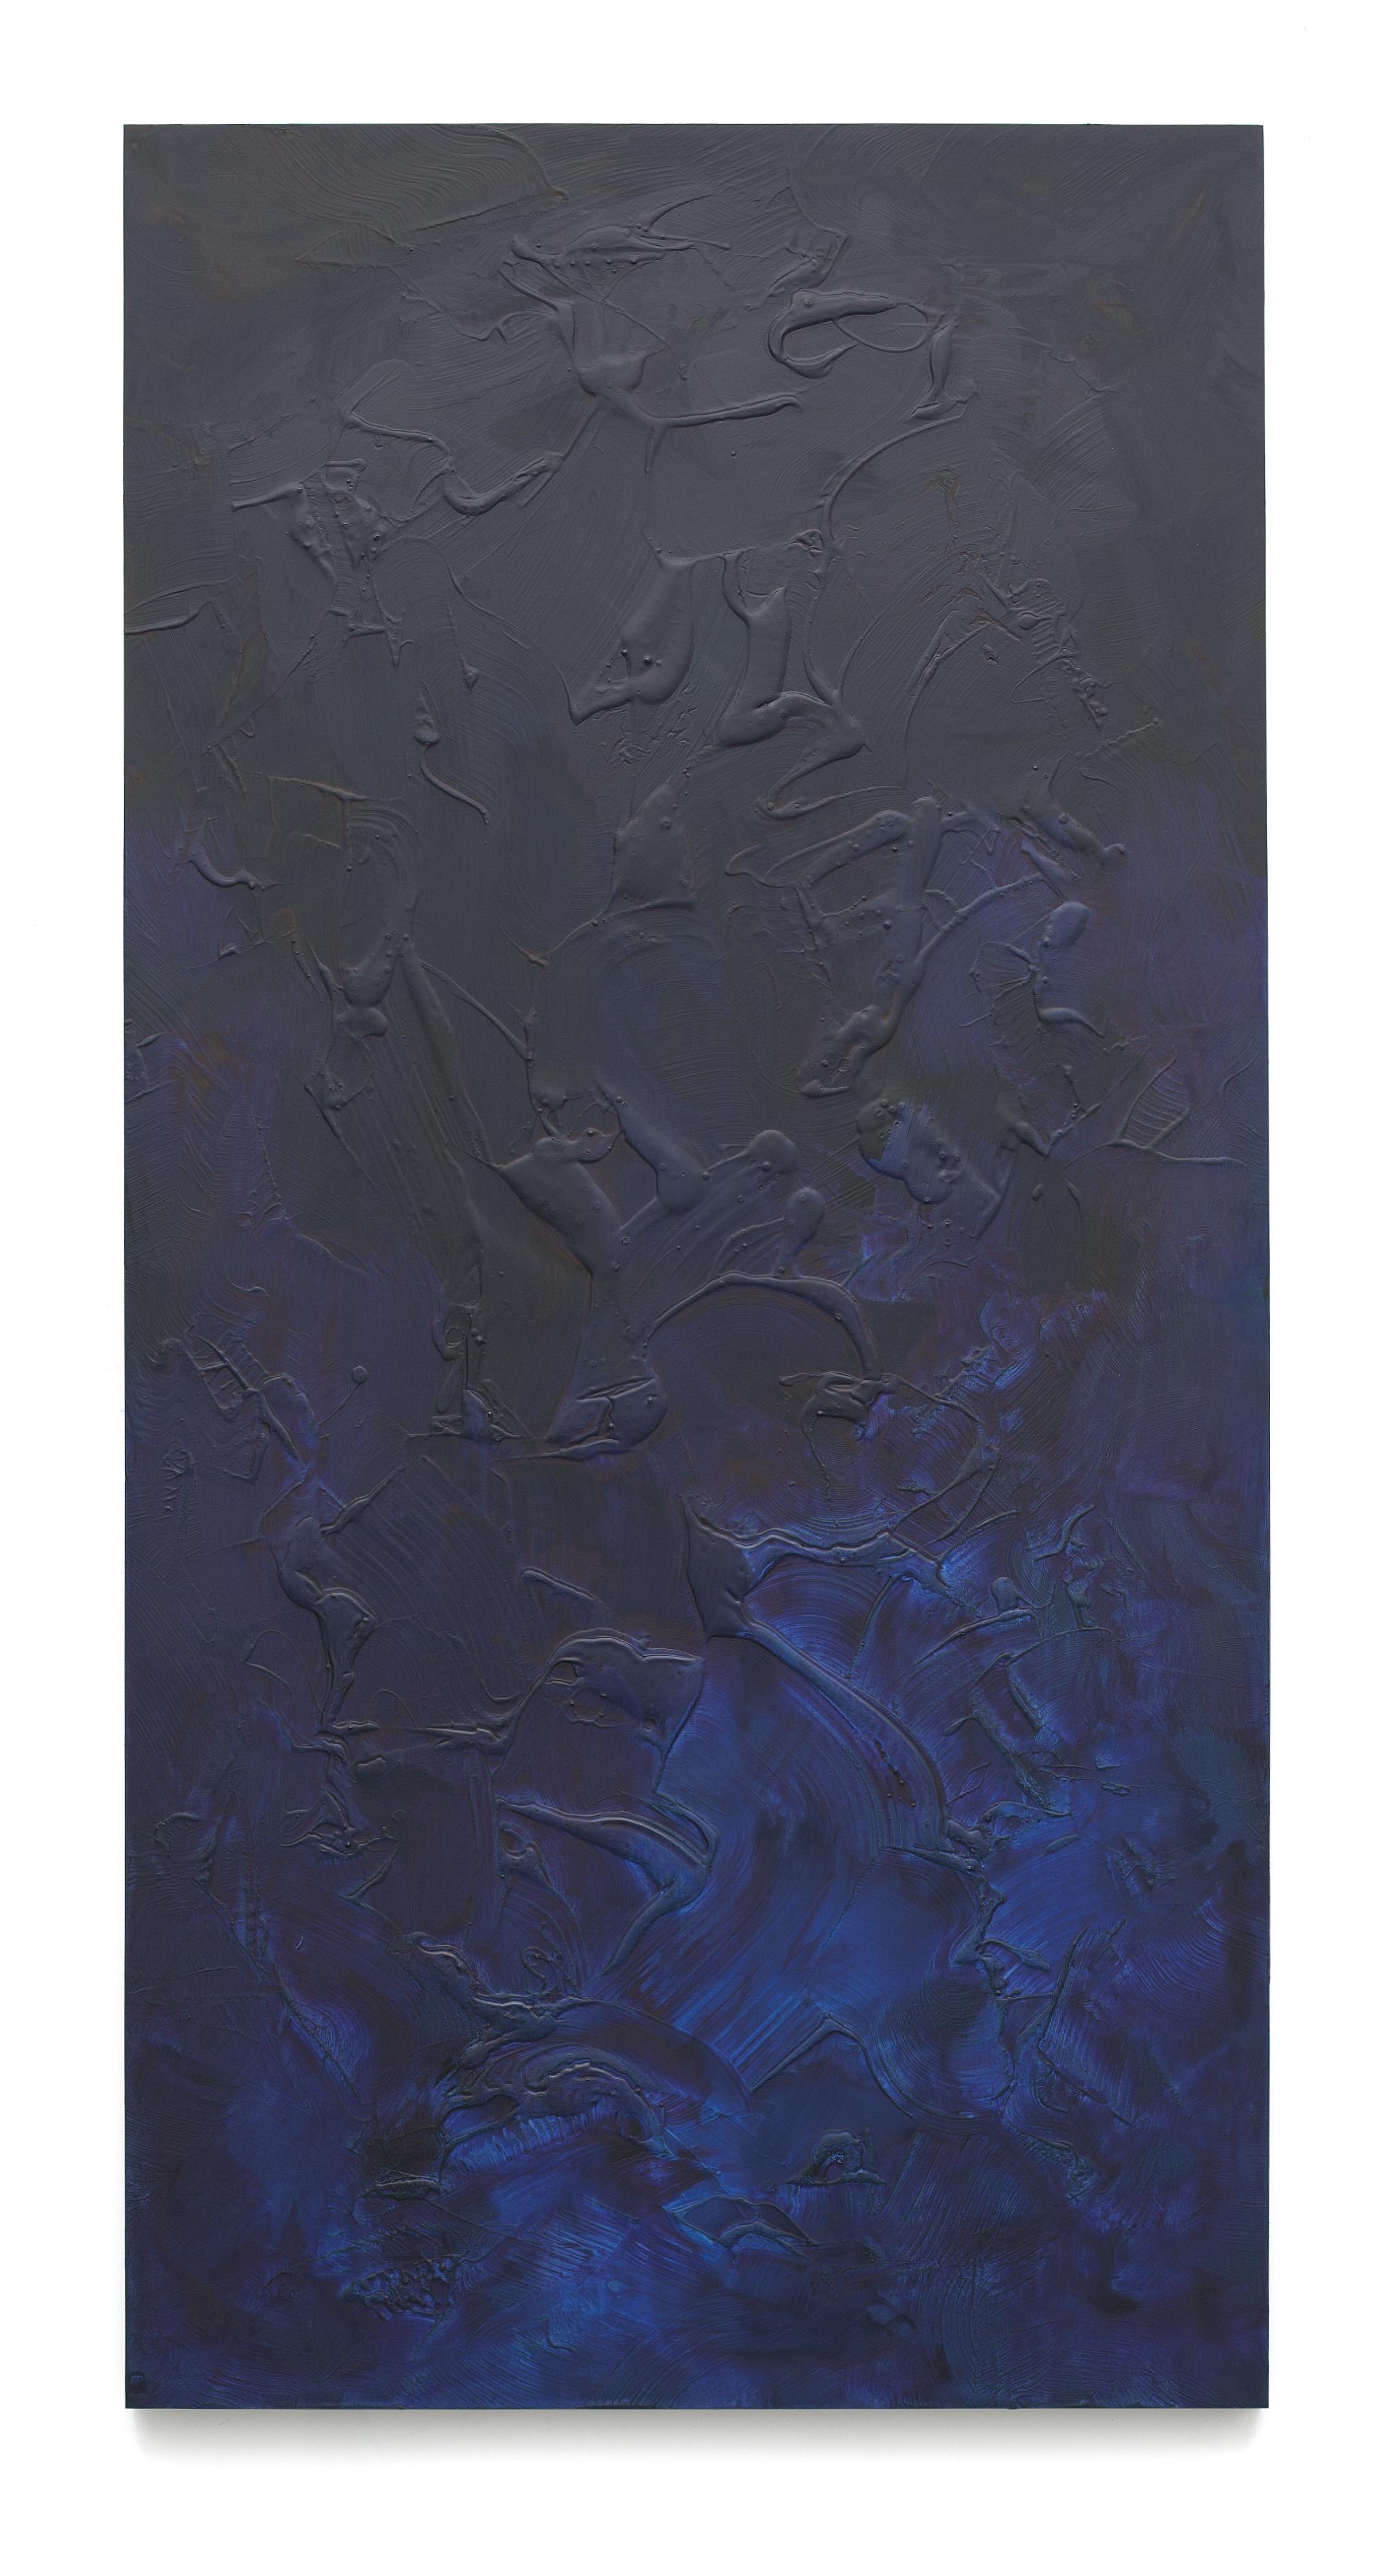 """Untitled (Can't Swim 05), 2018, Acrylic on archival foam board, 96"""" x 48"""""""